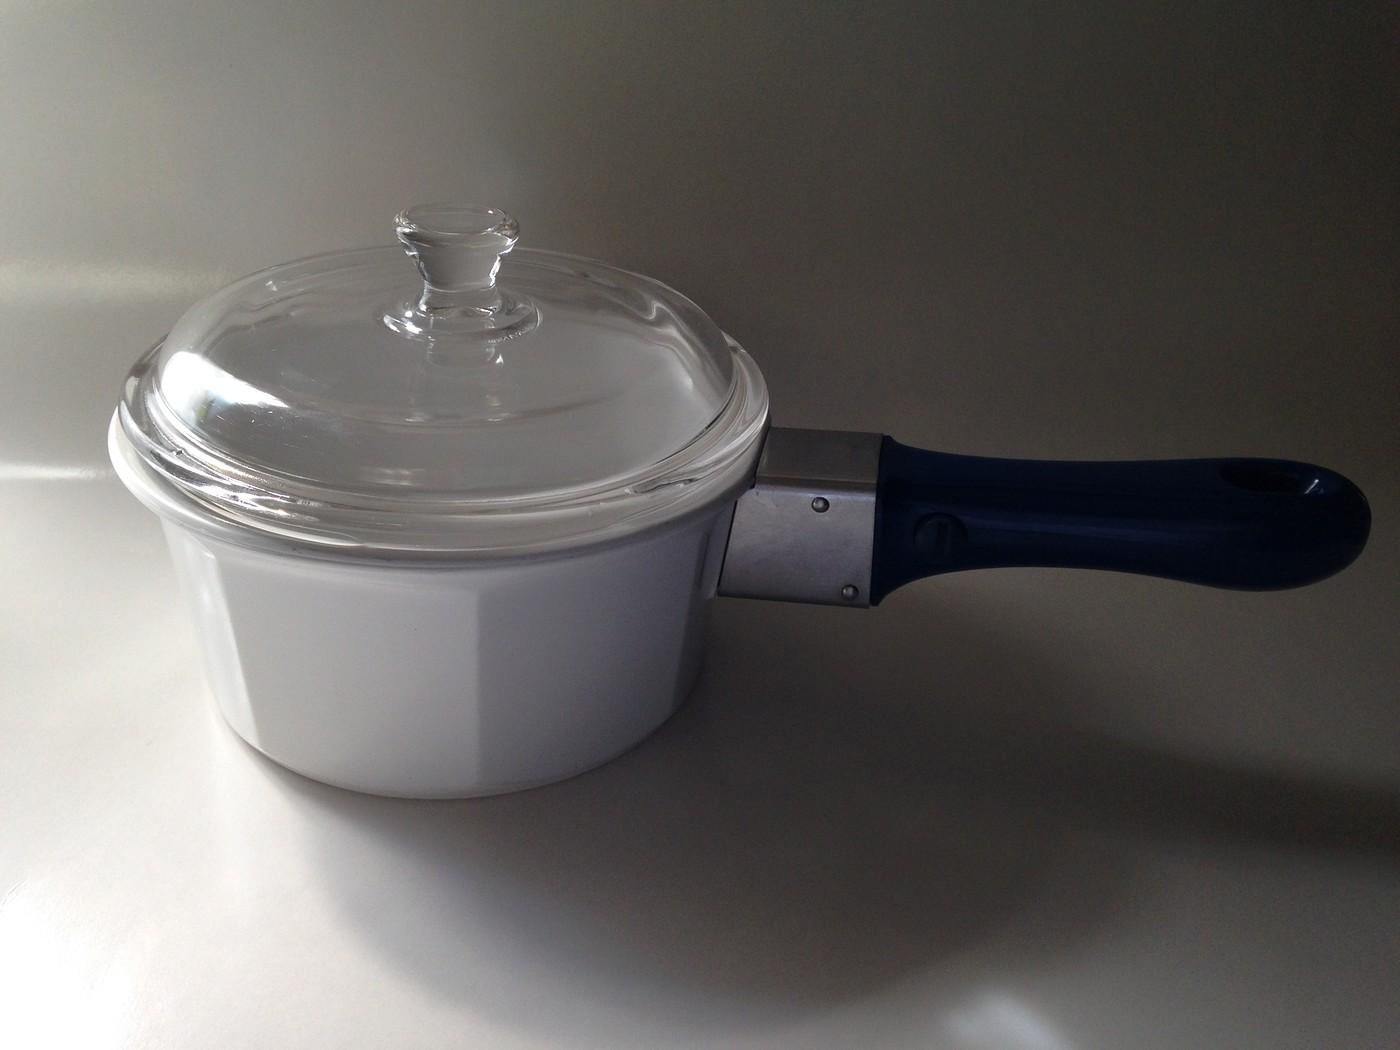 Princess House Nouveau White Ceramic 1 Quart Pan Pot Lid Handle France